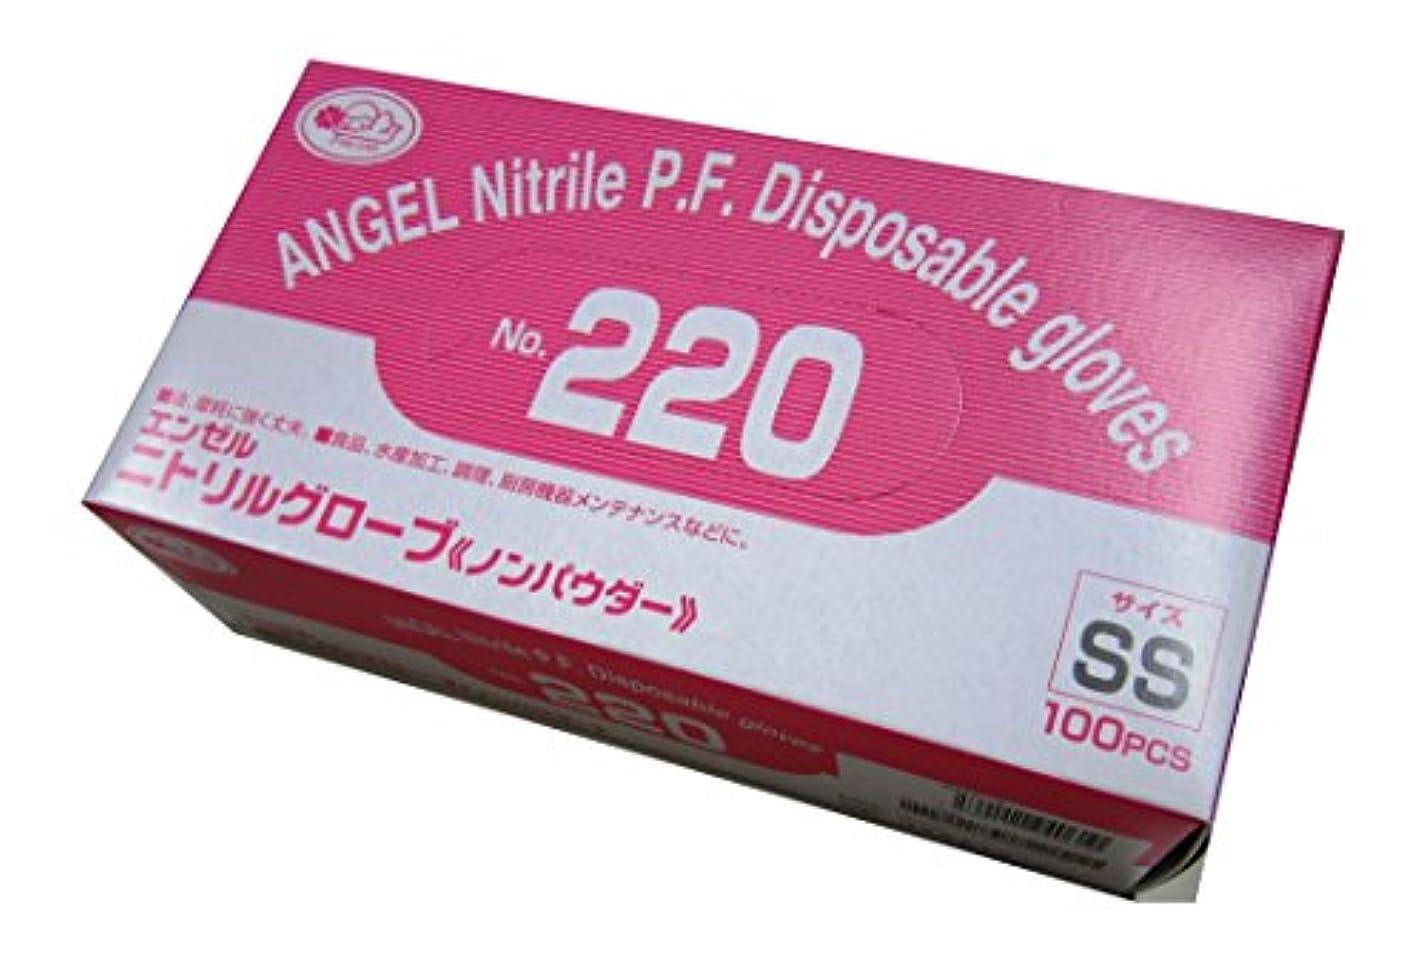 養う彫刻国勢調査サンフラワー No.220 ニトリルグローブ ノンパウダー ホワイト 100枚入り (SS)